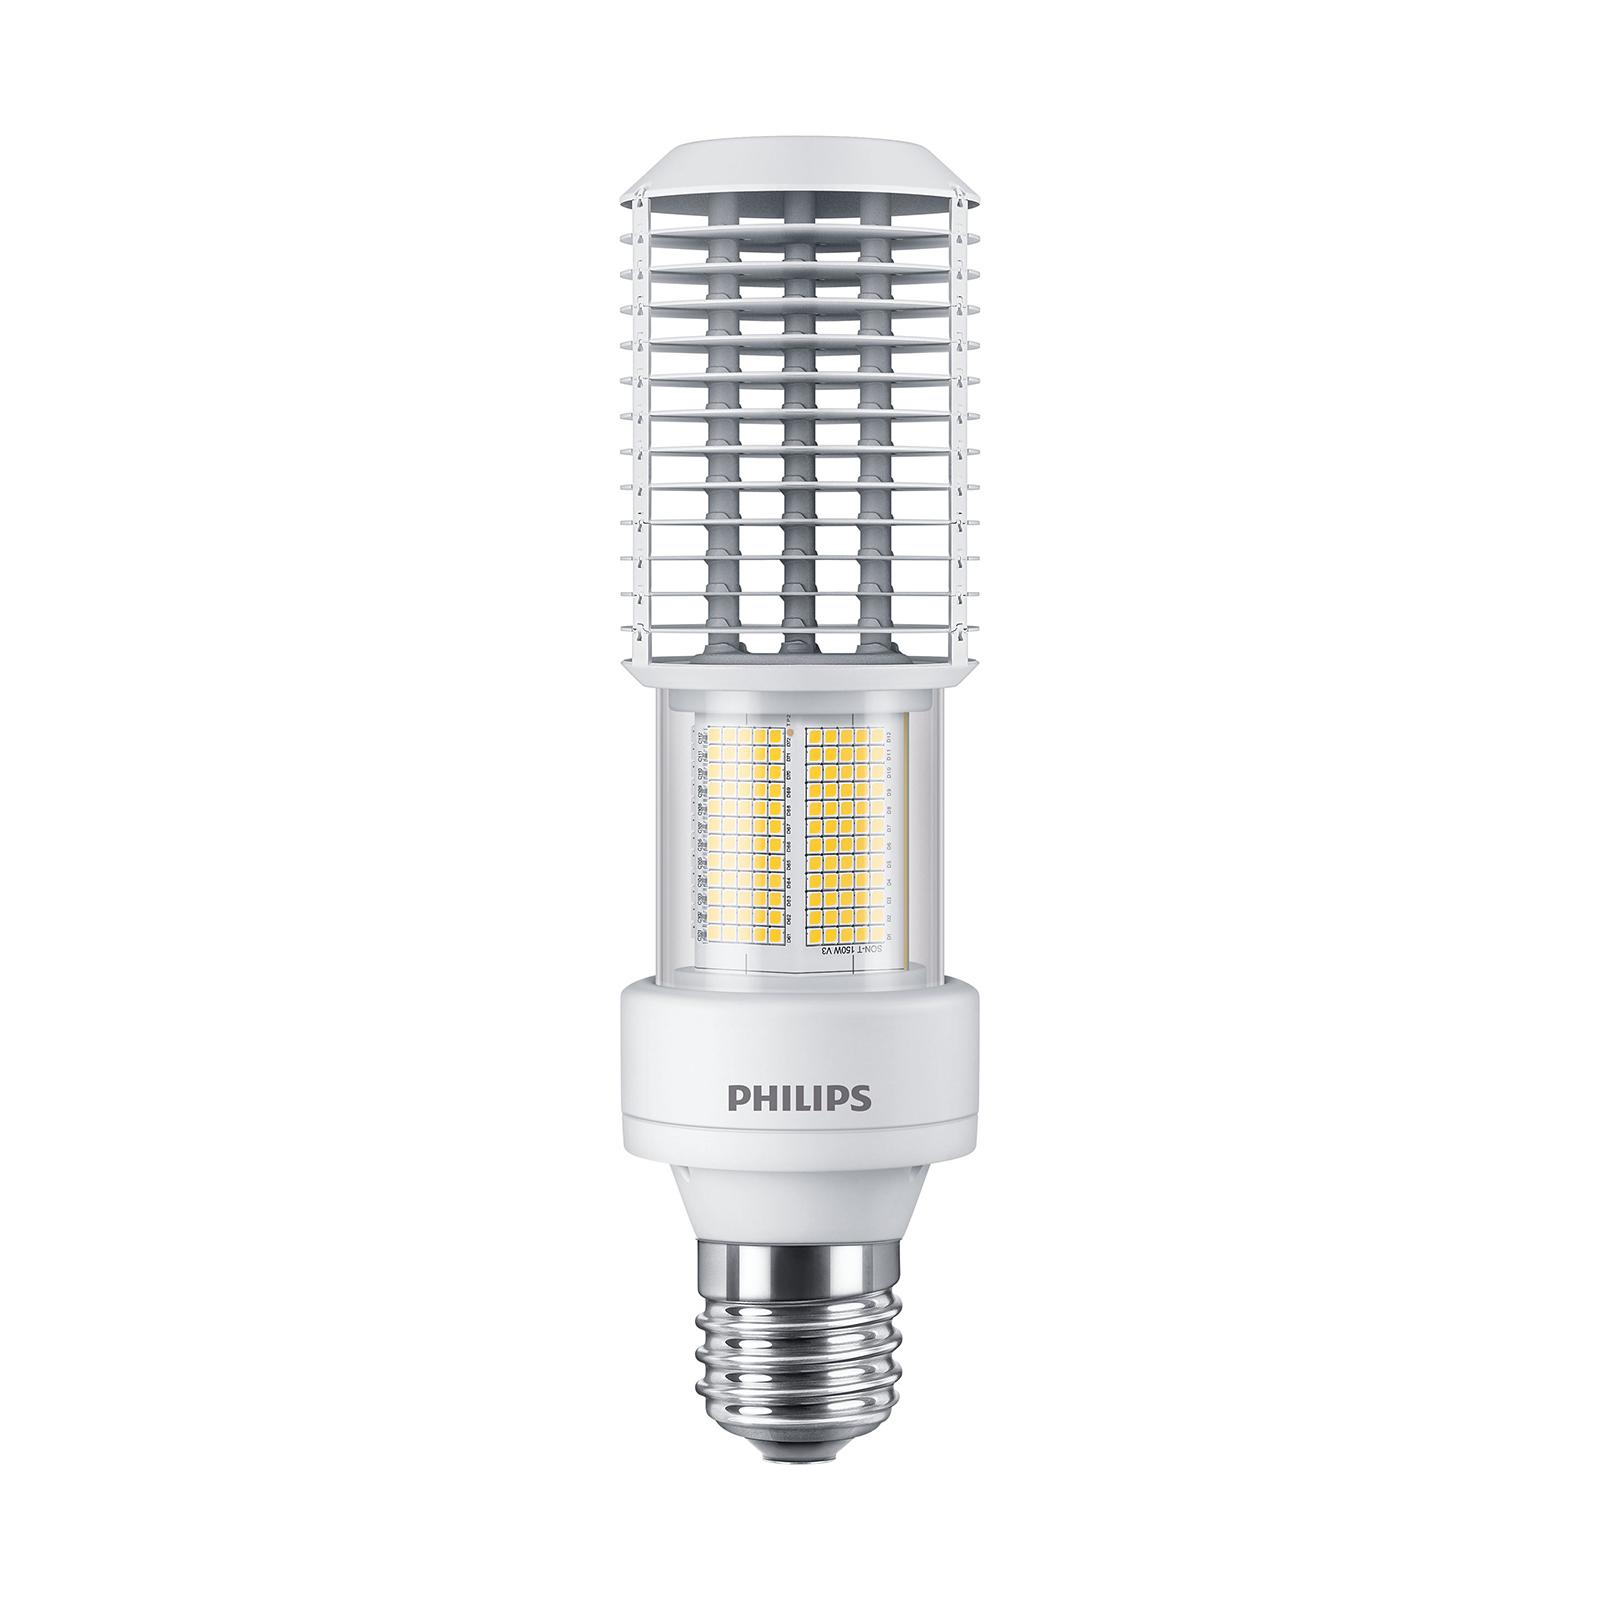 Philips E40 LED-lamppu TrueForce Road 120 68 W 740